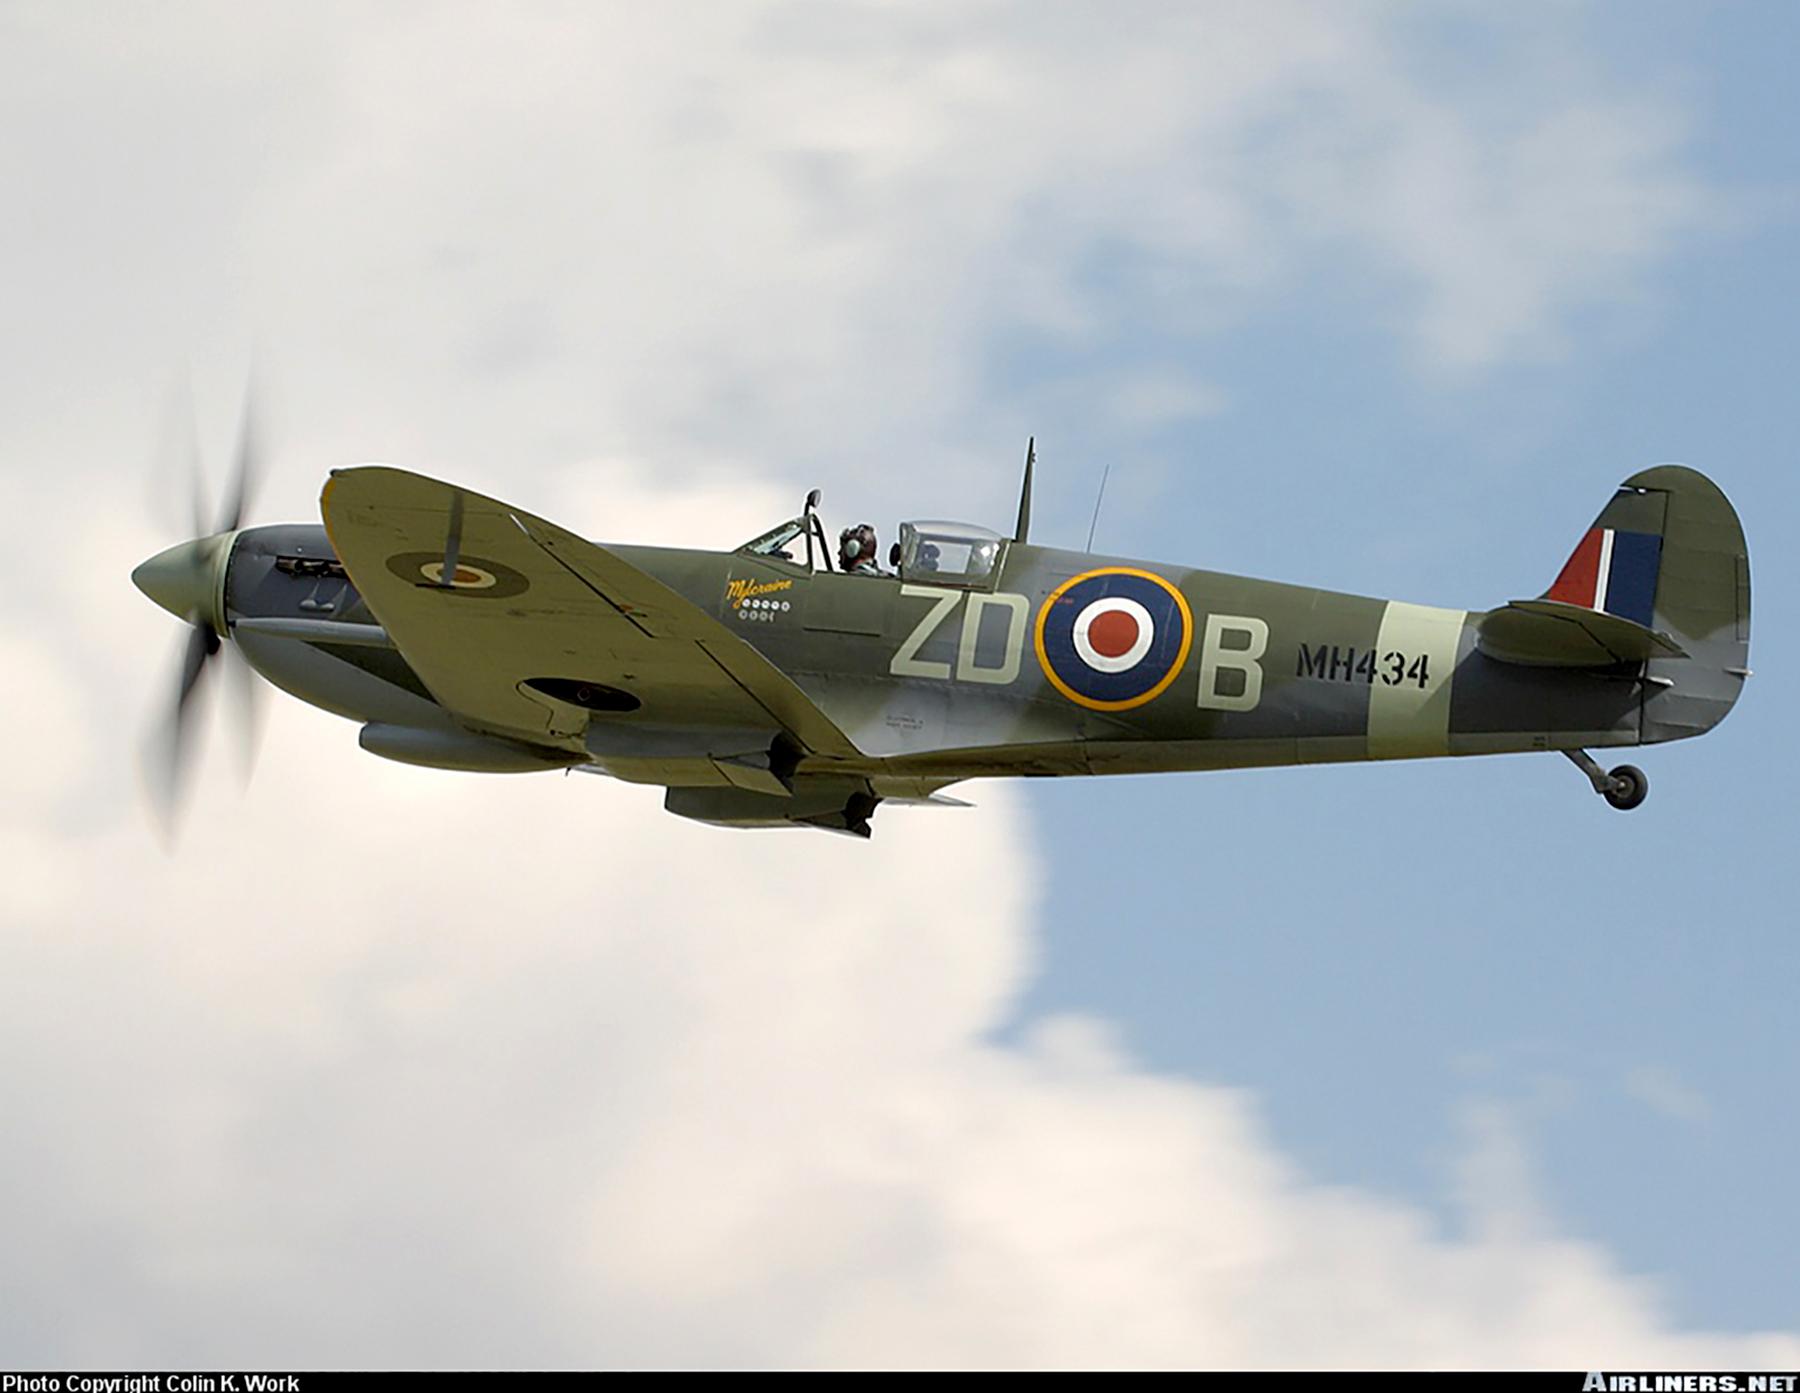 Airworthy Spitfire warbird RAF 222Sqn ZDB MH434 England 02